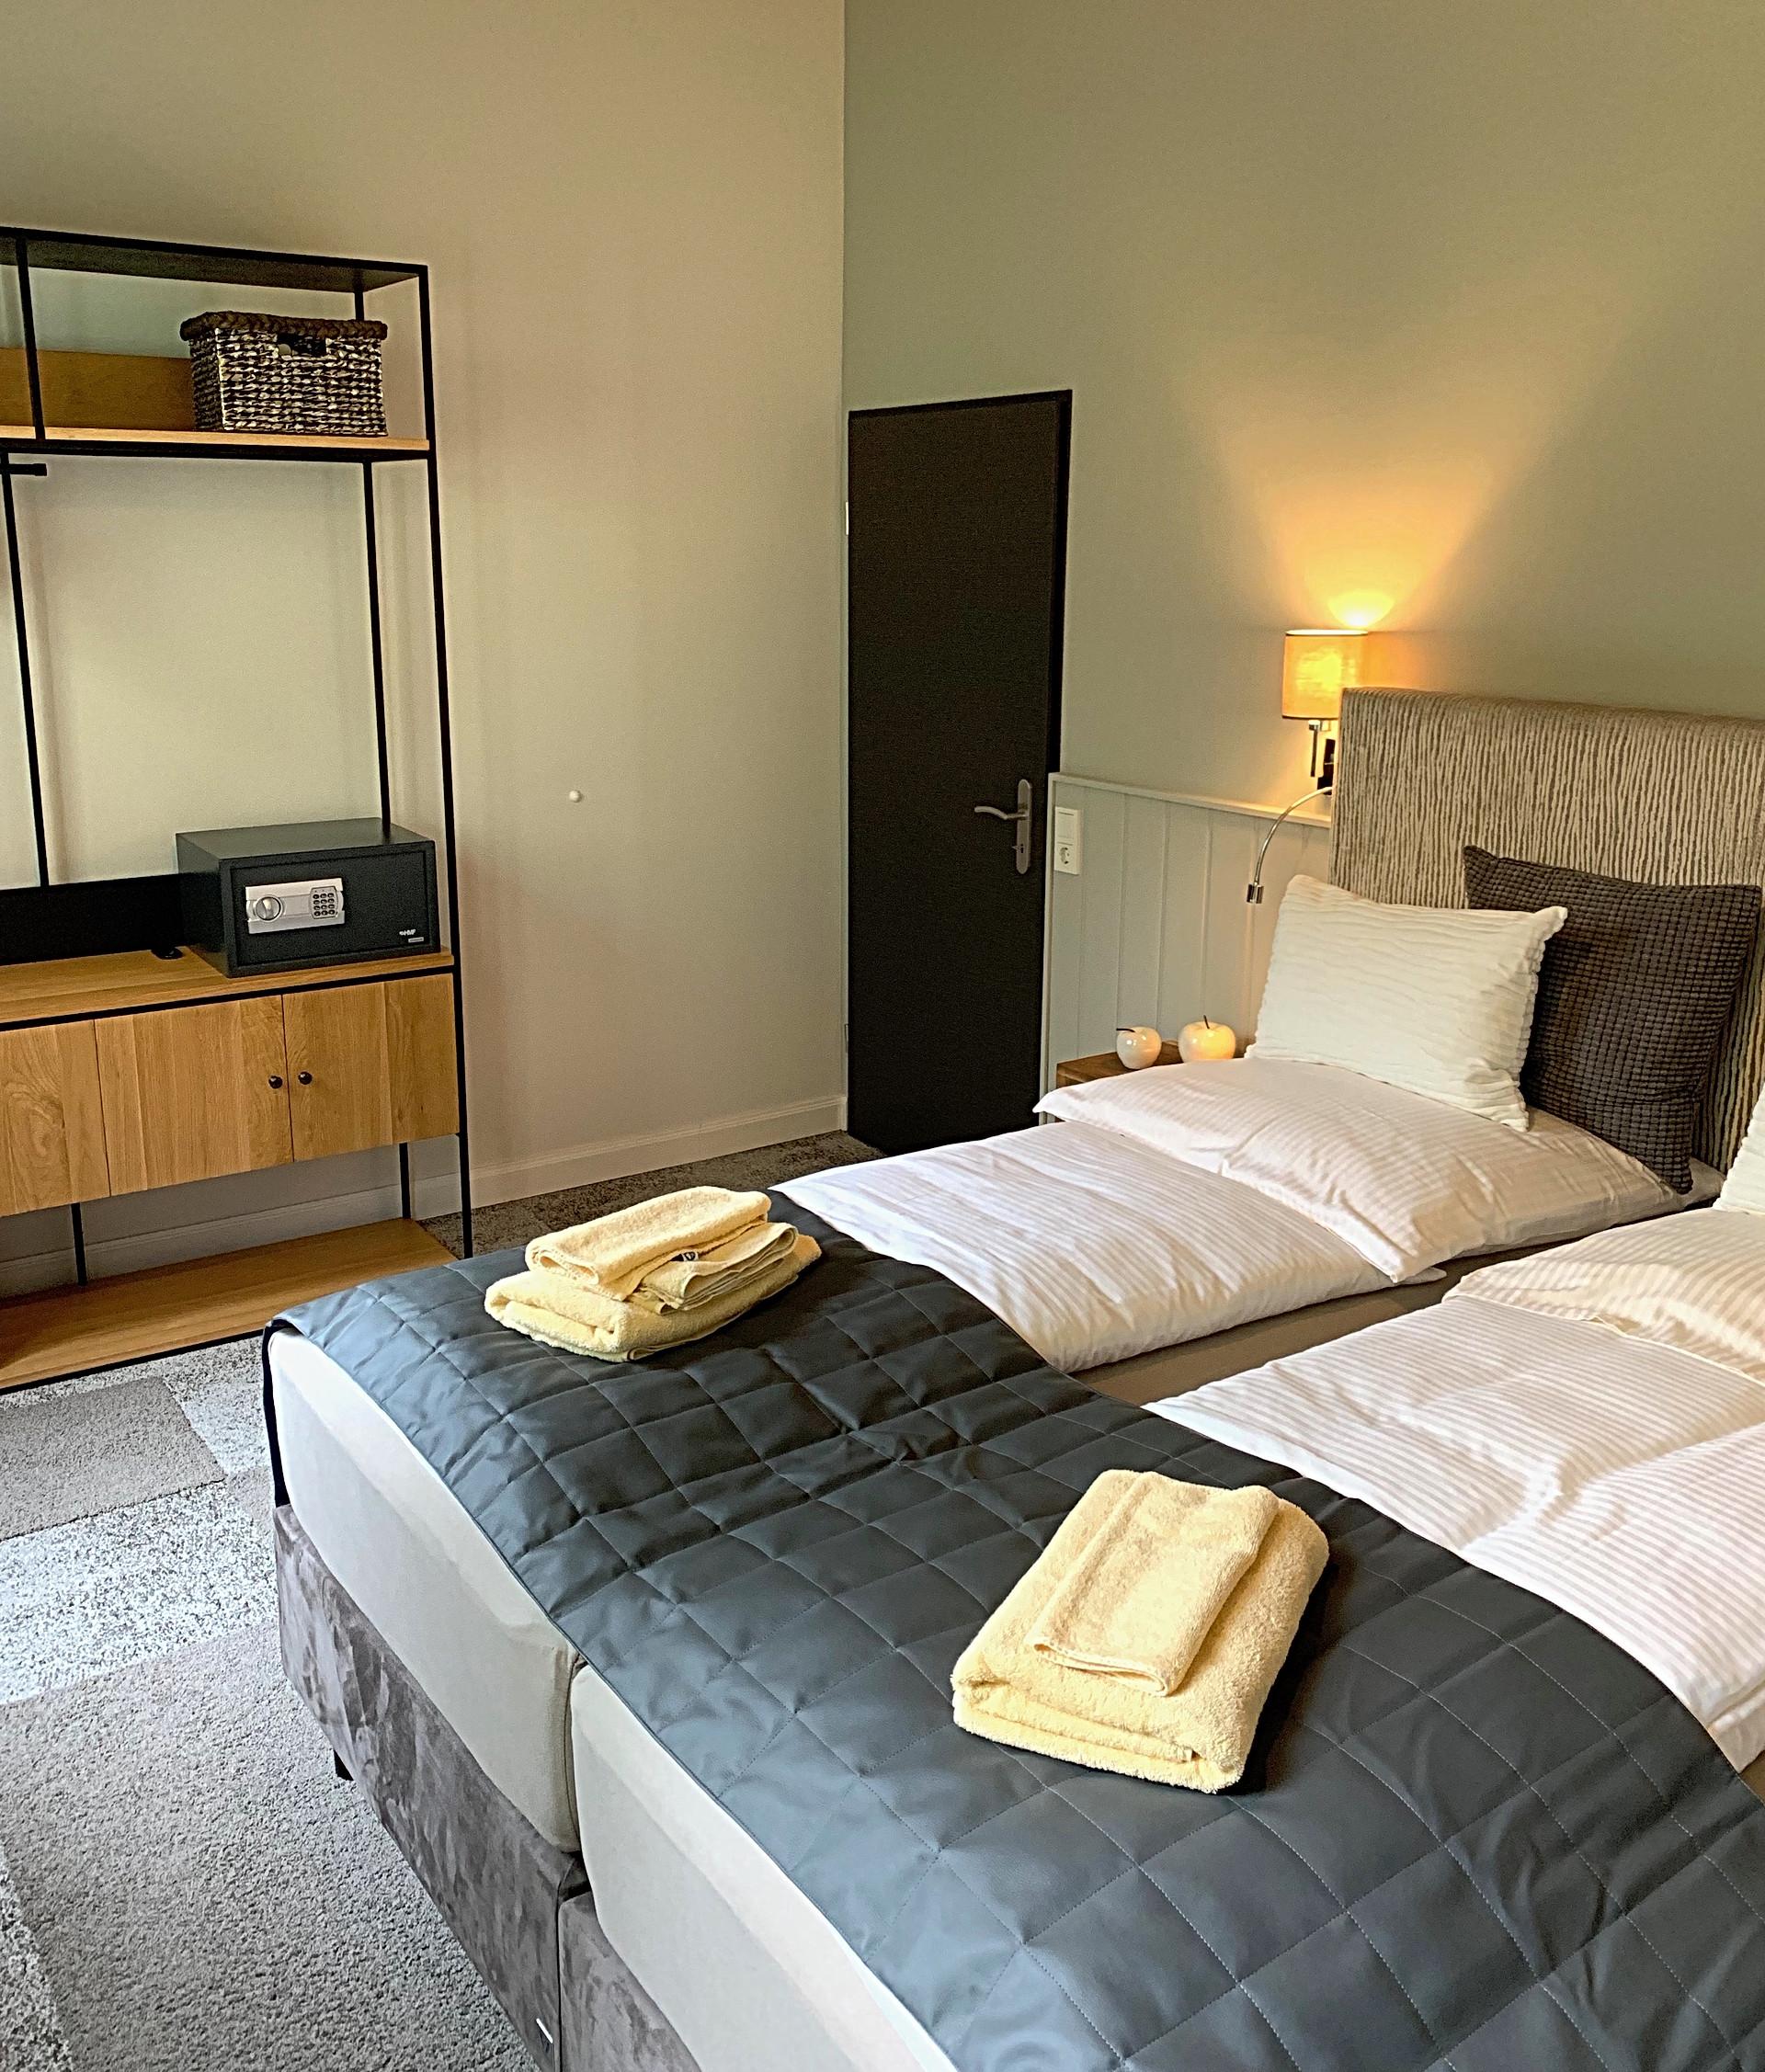 Hotel-Besotel-Hochdahl-Übernachtung-Erkr